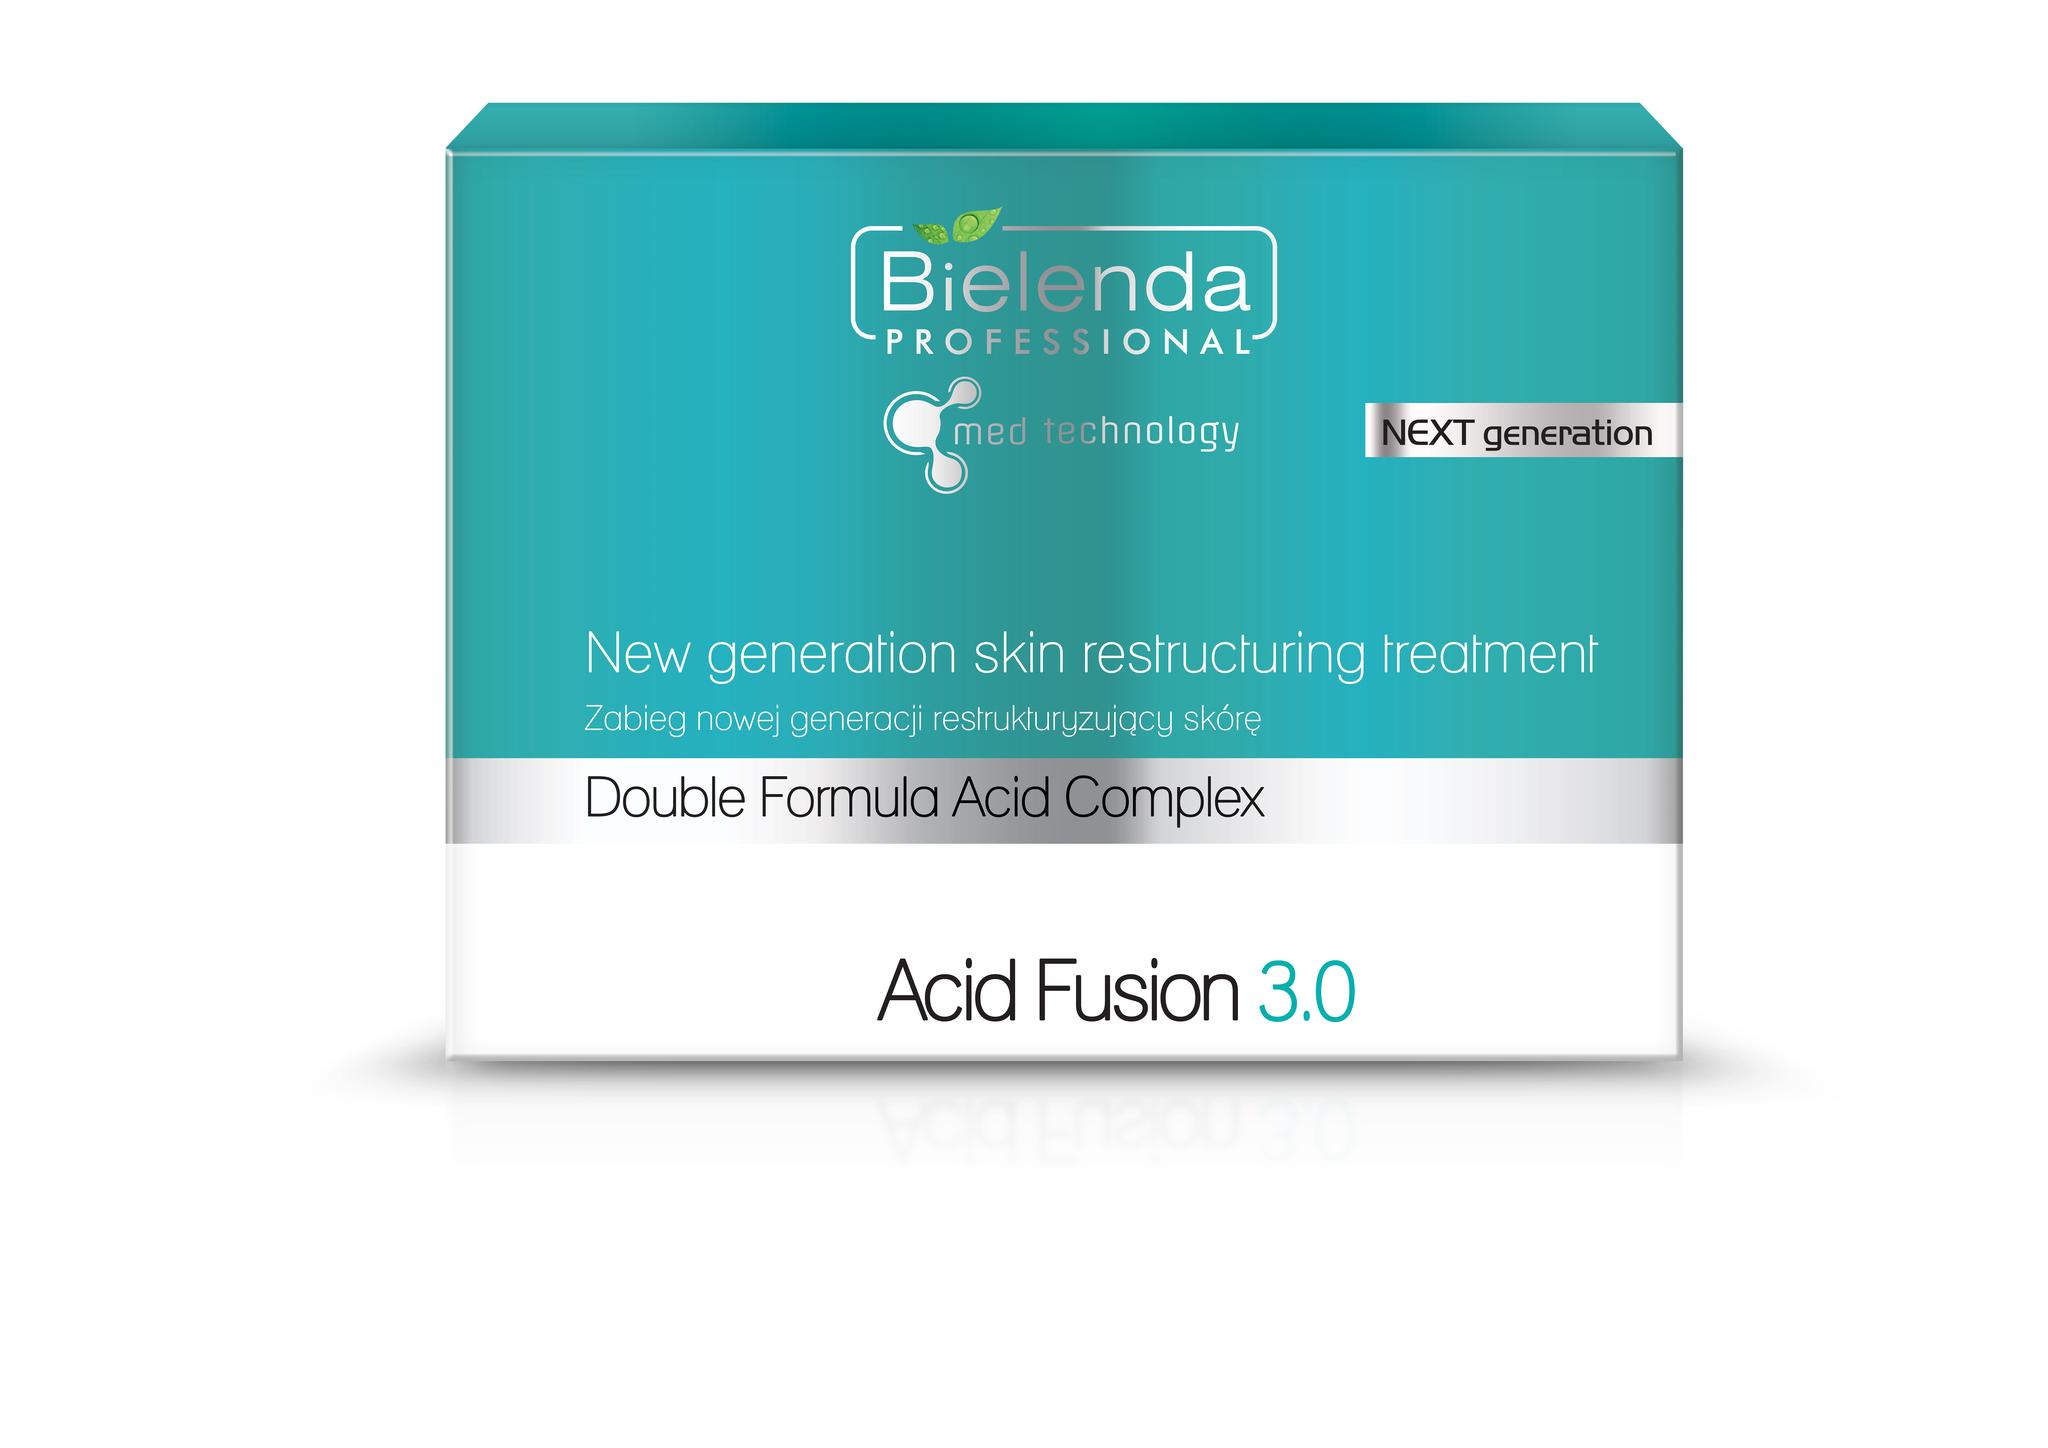 Acid Fusion 3.0 Пилинг нового поколения - обновление кожи, всесезонный, набор для 5 процедур